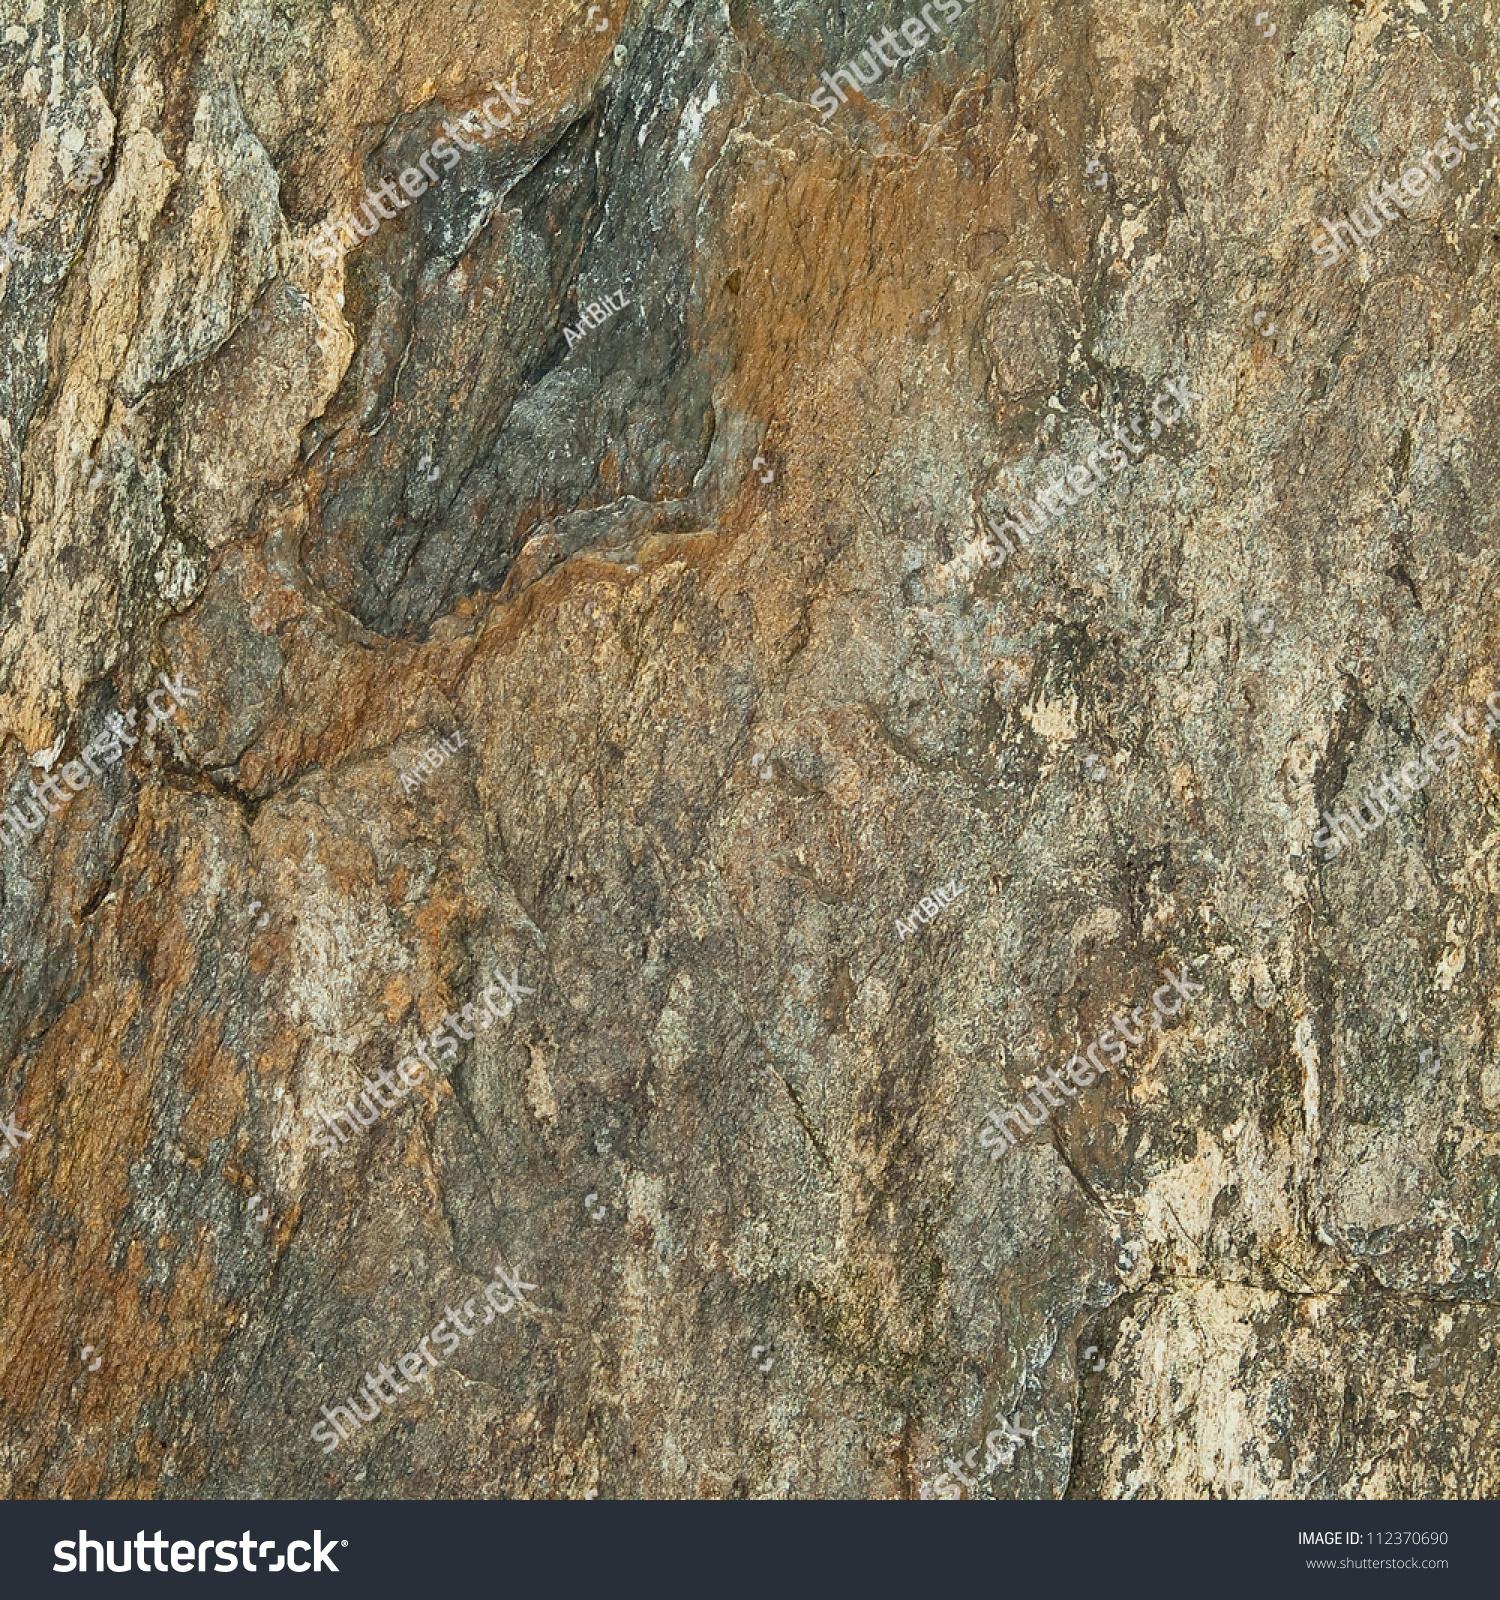 Rough Granite Stone : Rough granite stone rock background texture stock photo